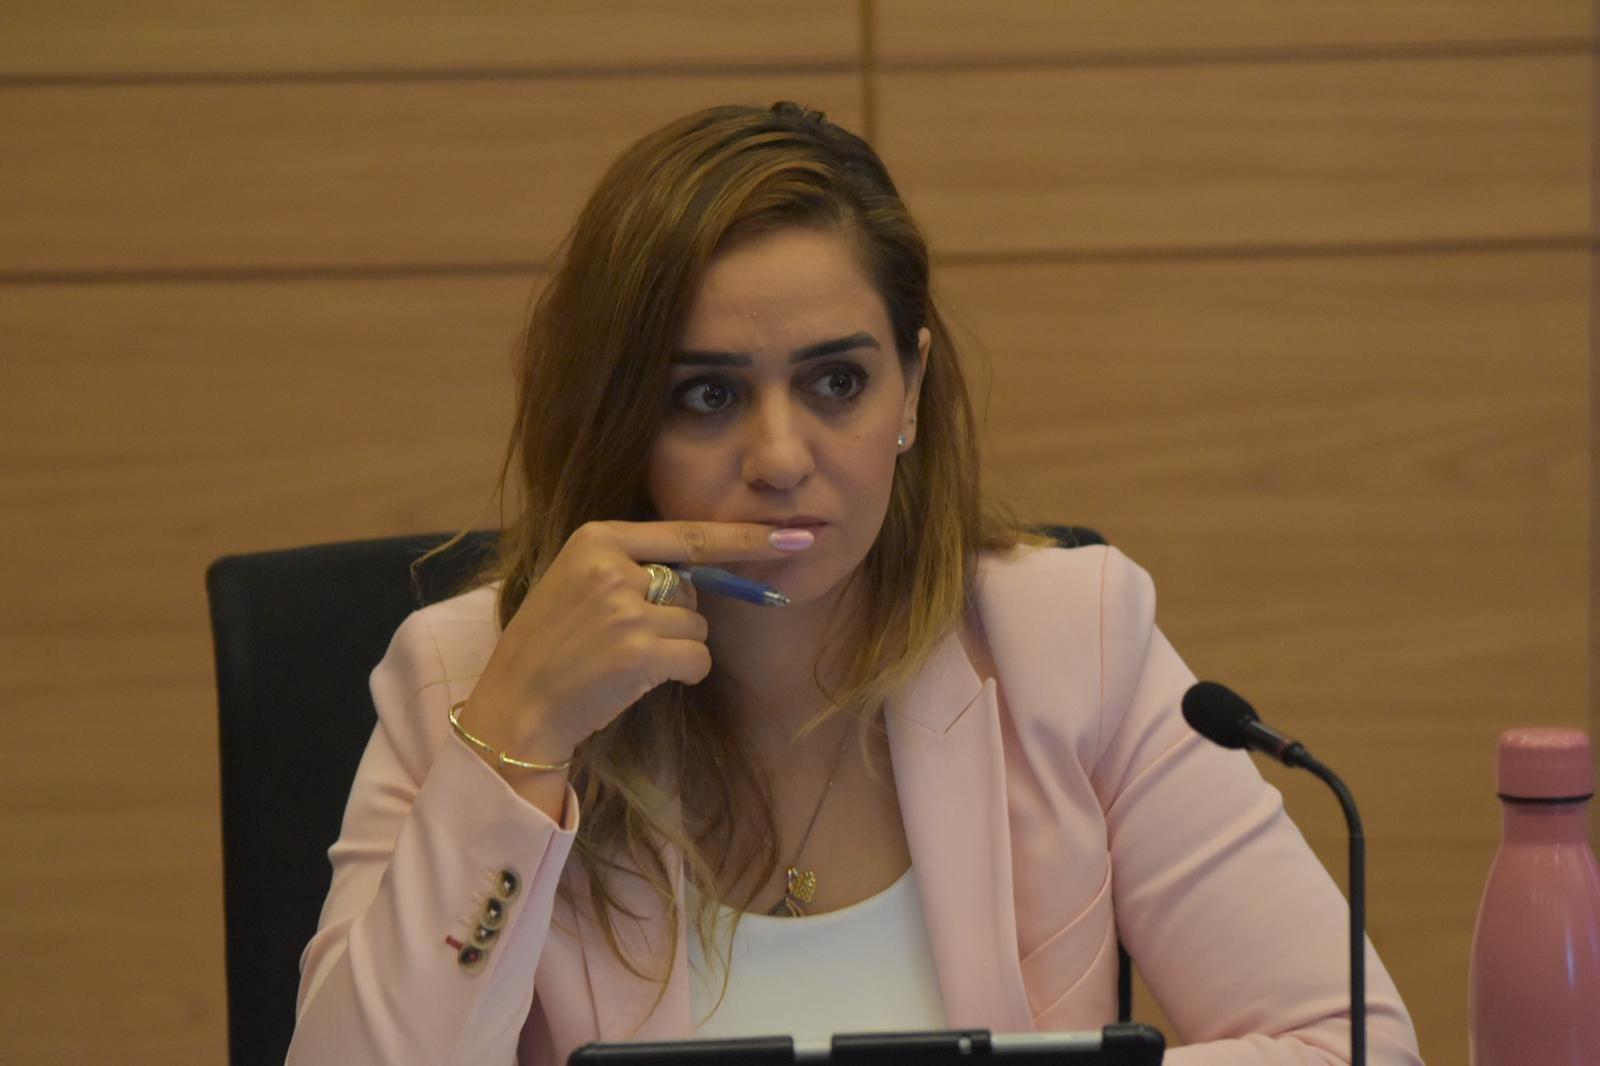 النائب أسامة السعدي يدير جلسة لجنة العمل البرلمانية حول حوادث العمل في ورشات البناء